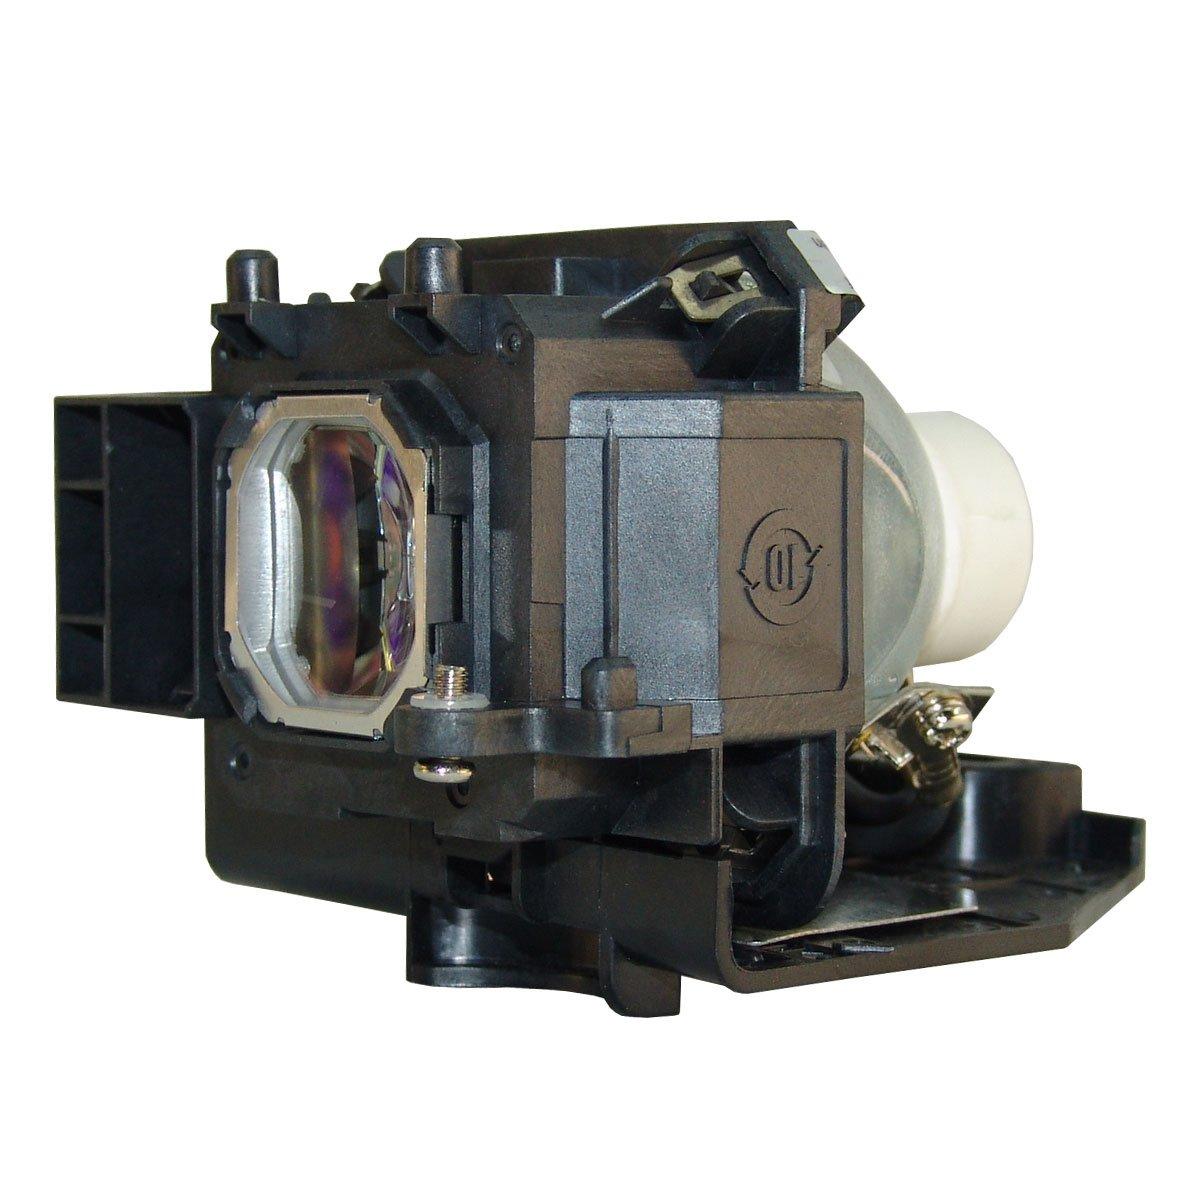 LYTIO エコノミー NEC NP16LP-UM プロジェクターランプ ハウジング付き NP16LPUM   B07JHWX9TN